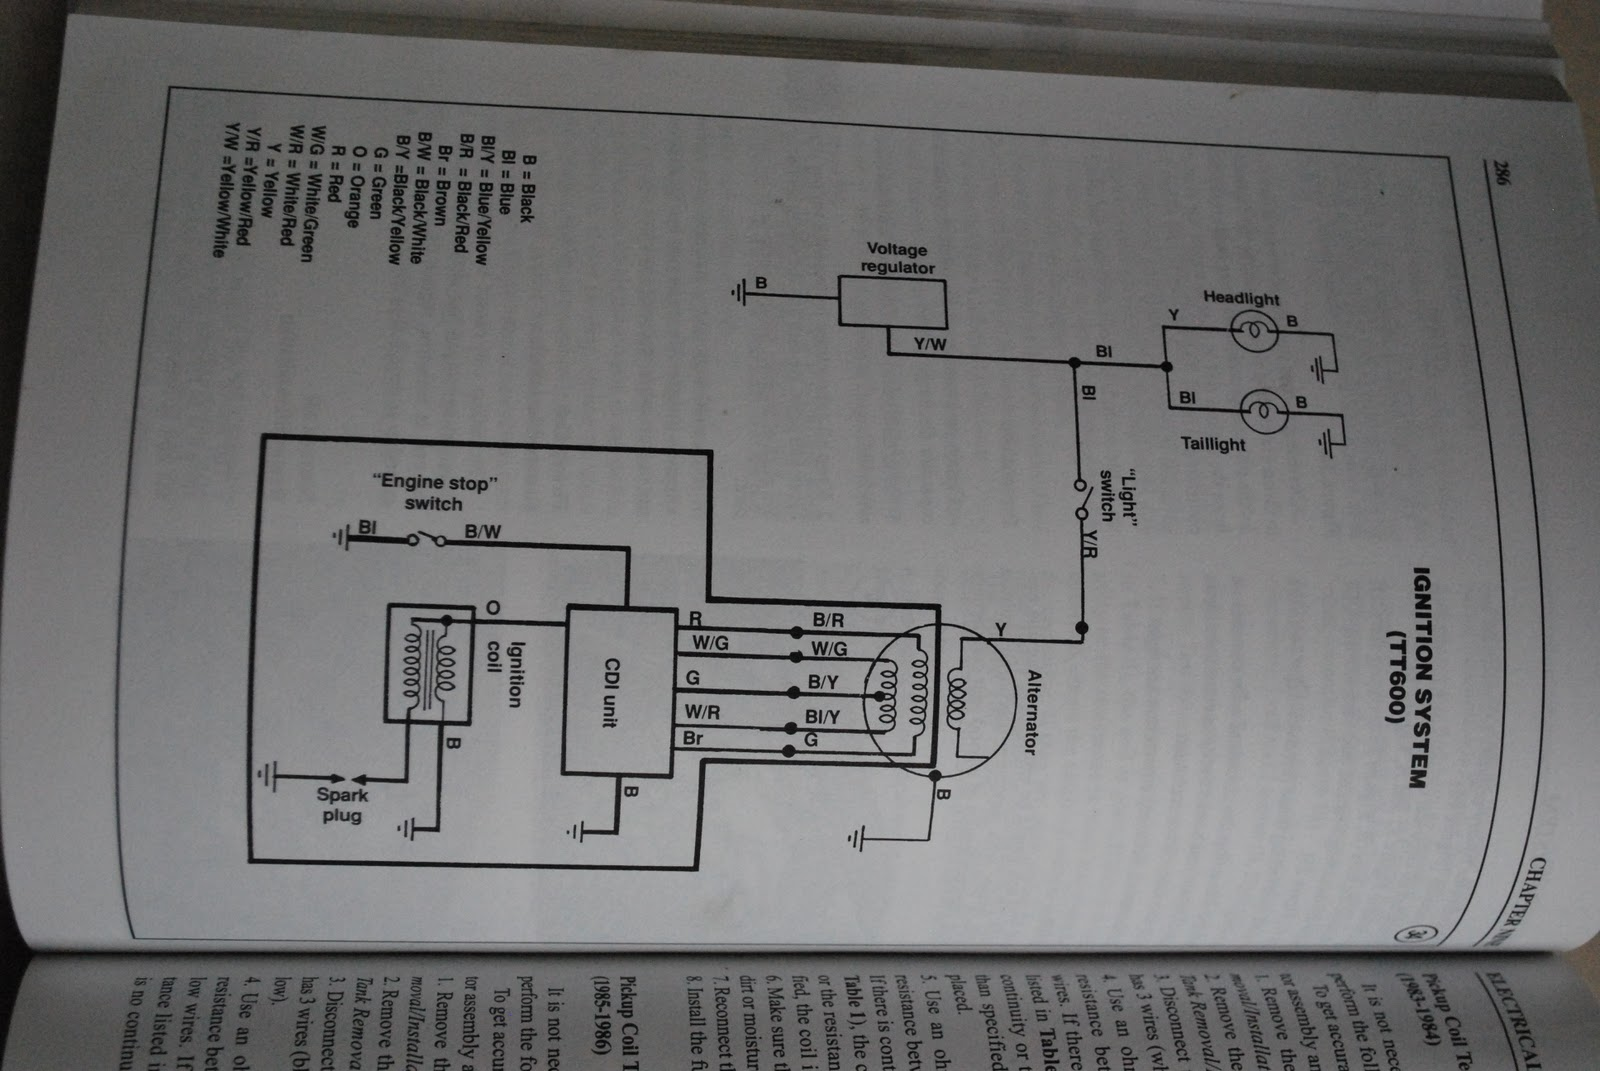 small resolution of drz 400 wiring diagram drz get free image about wiring 2005 suzuki drz 125 2001 suzuki drz 125